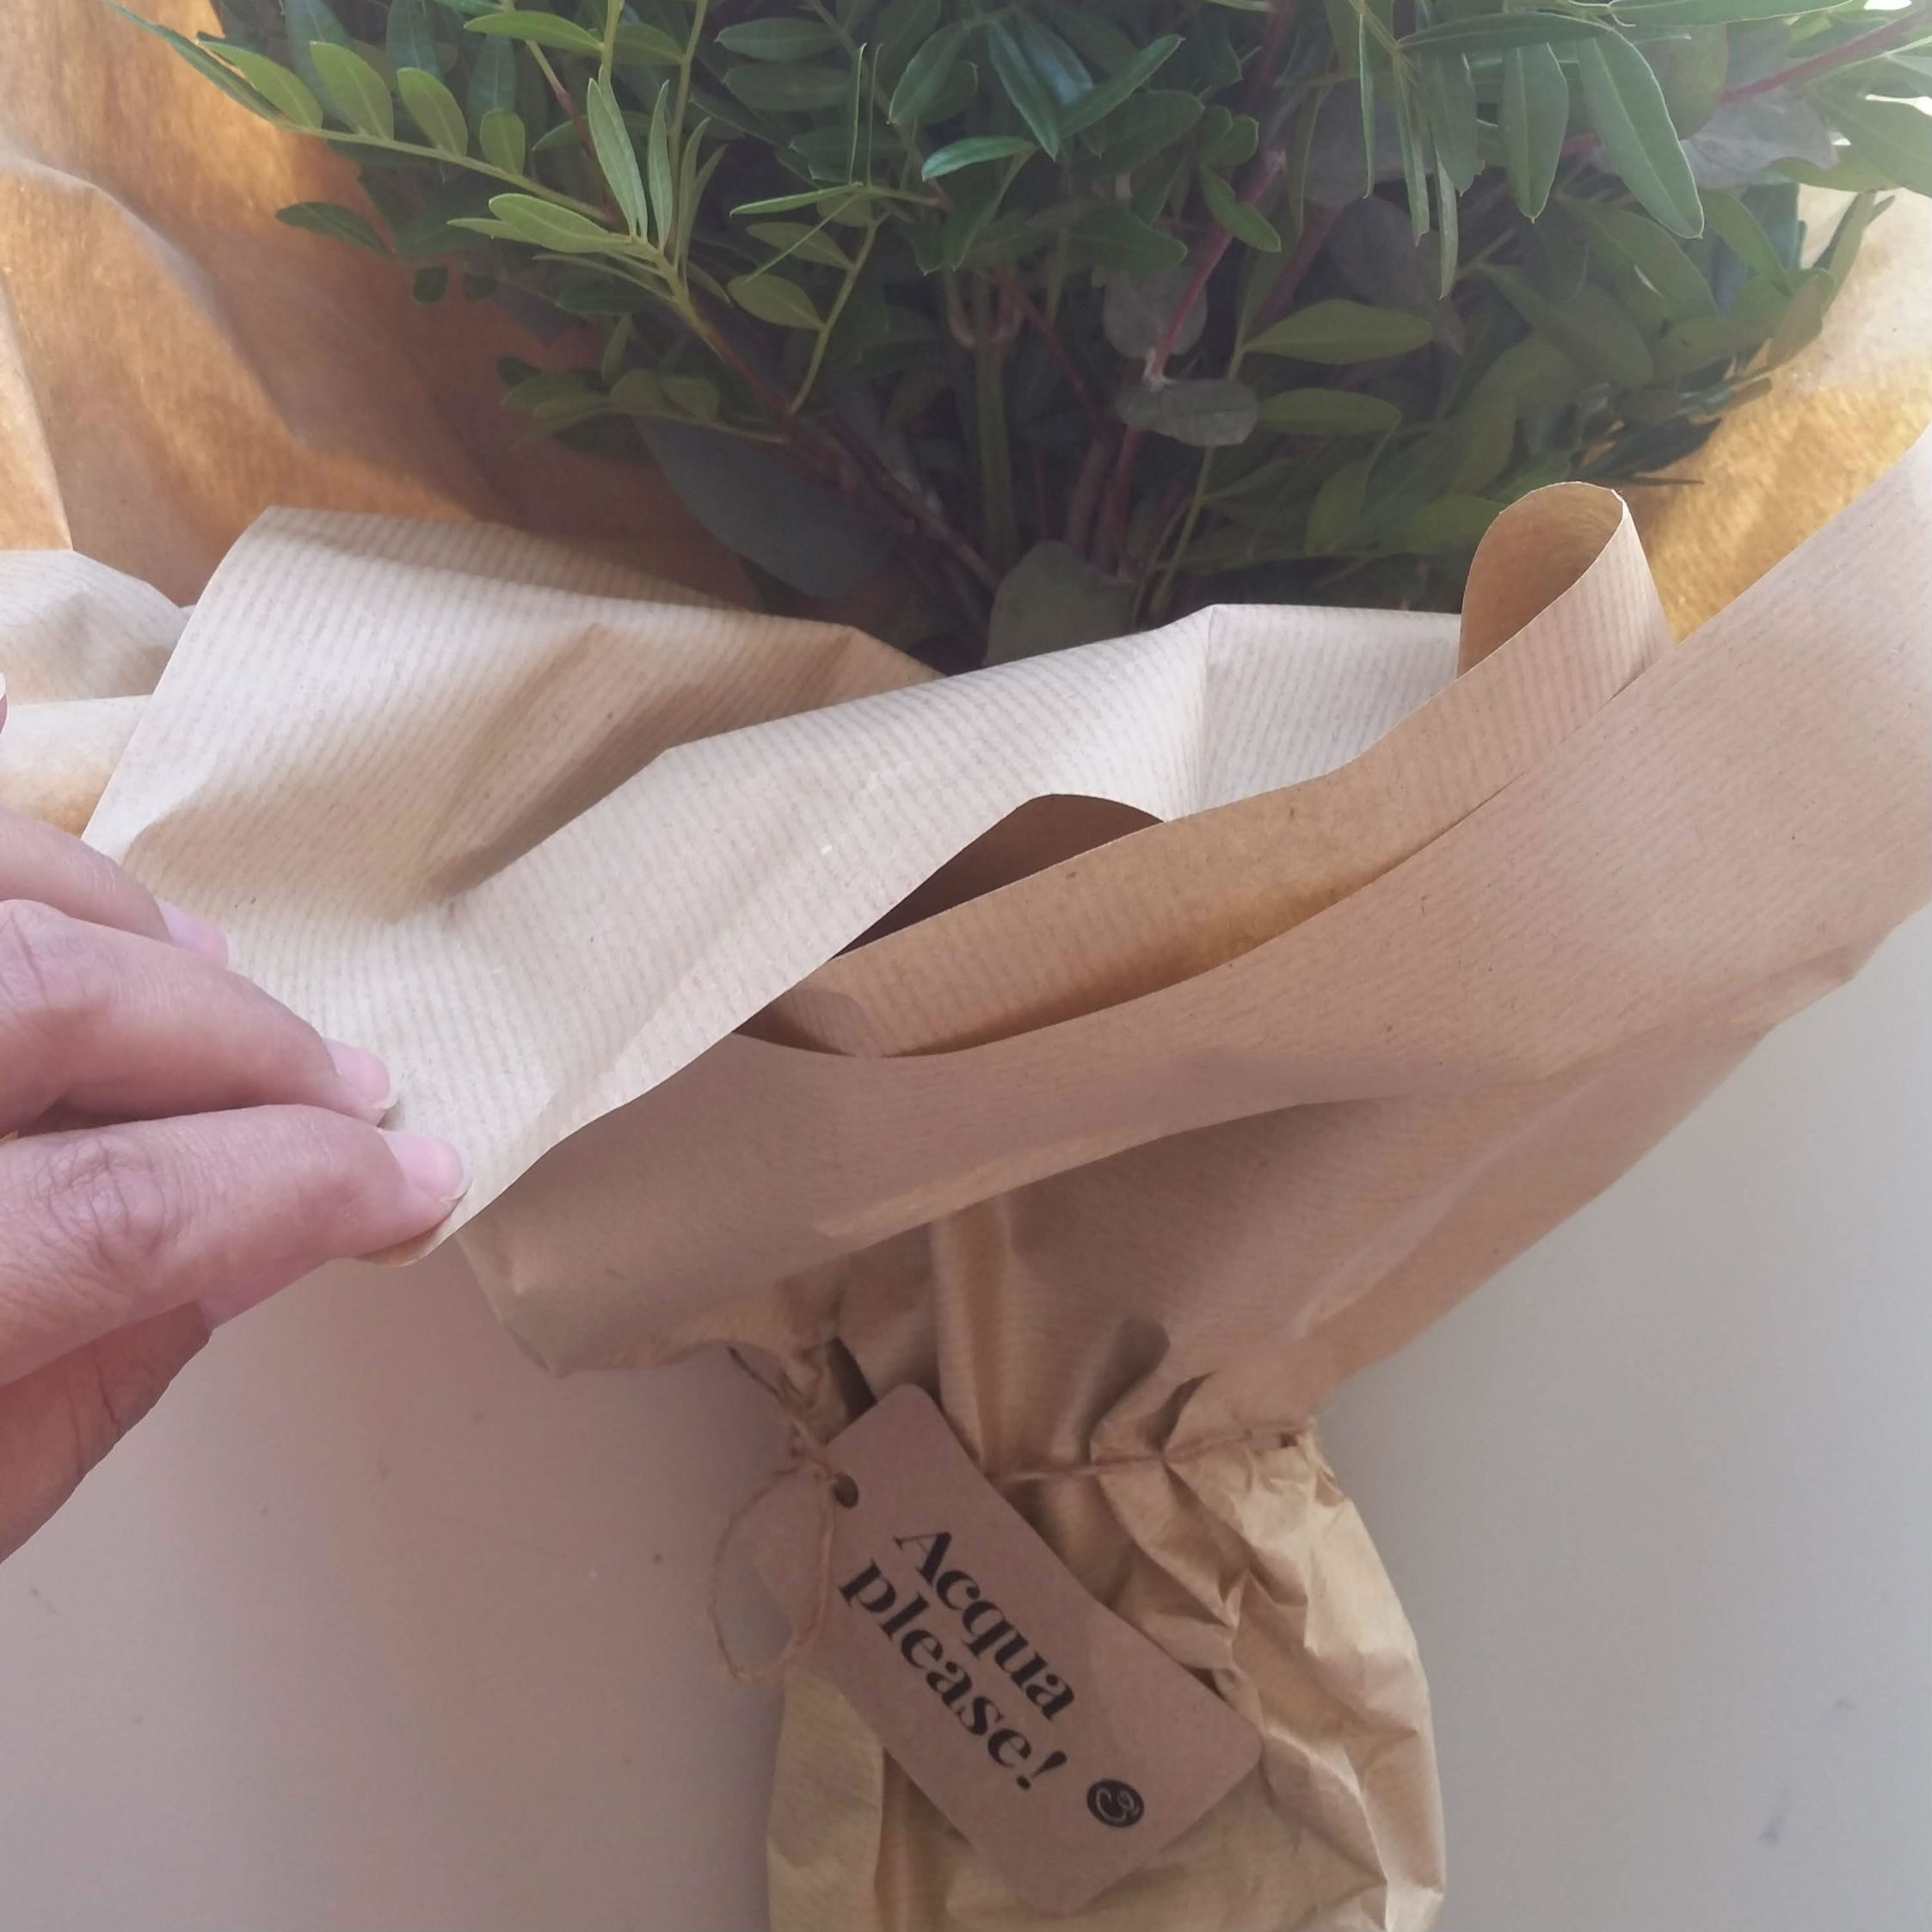 Una sola richiesta, immediata, da parte del bouquet: acqua!